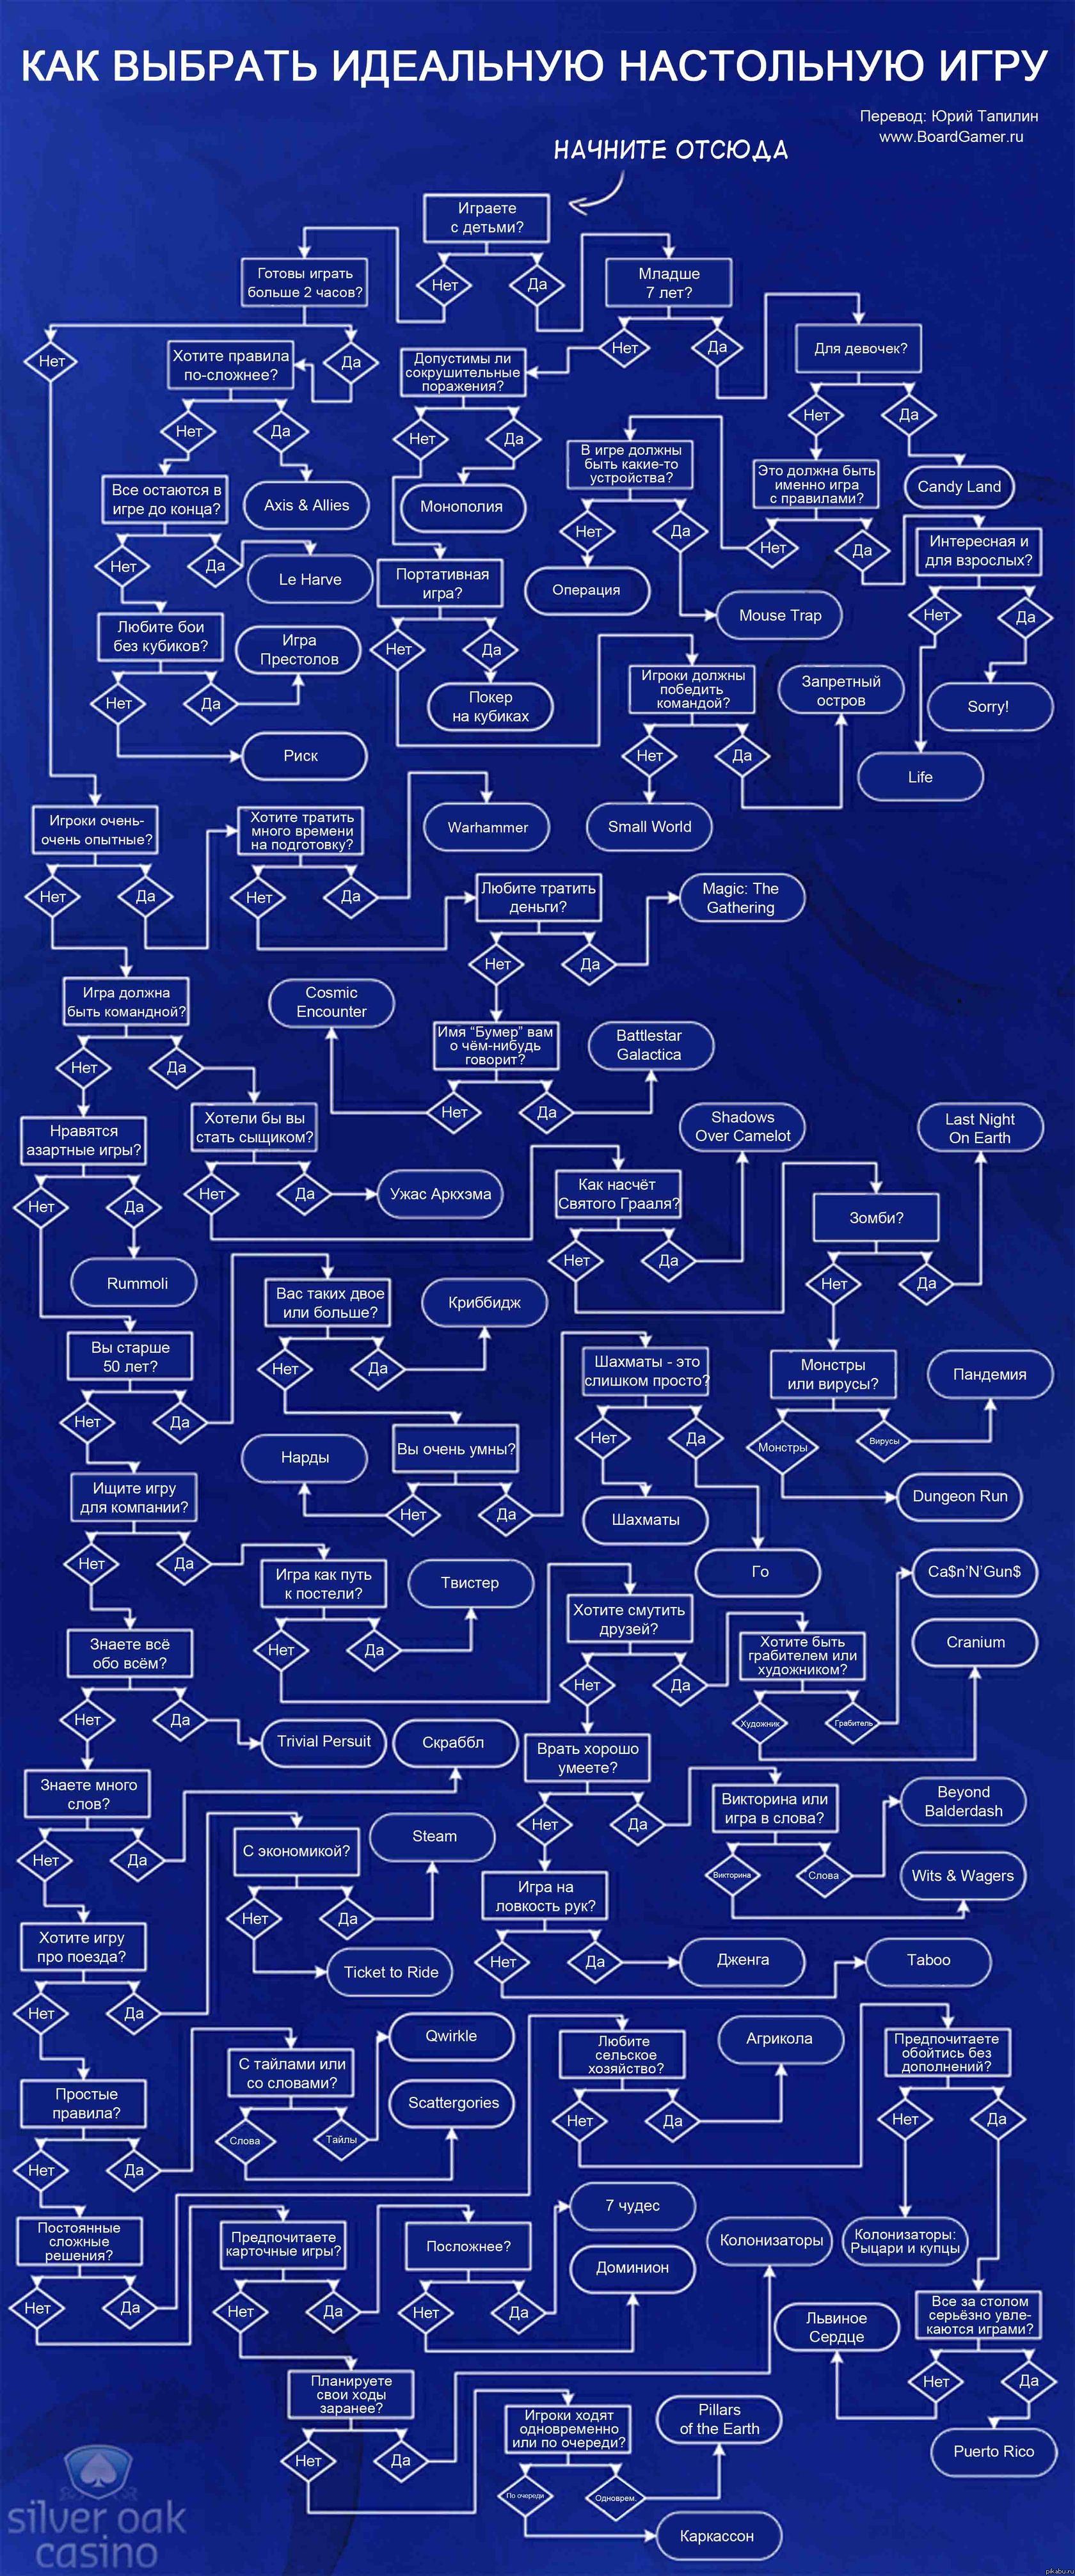 Как выбрать игру схема